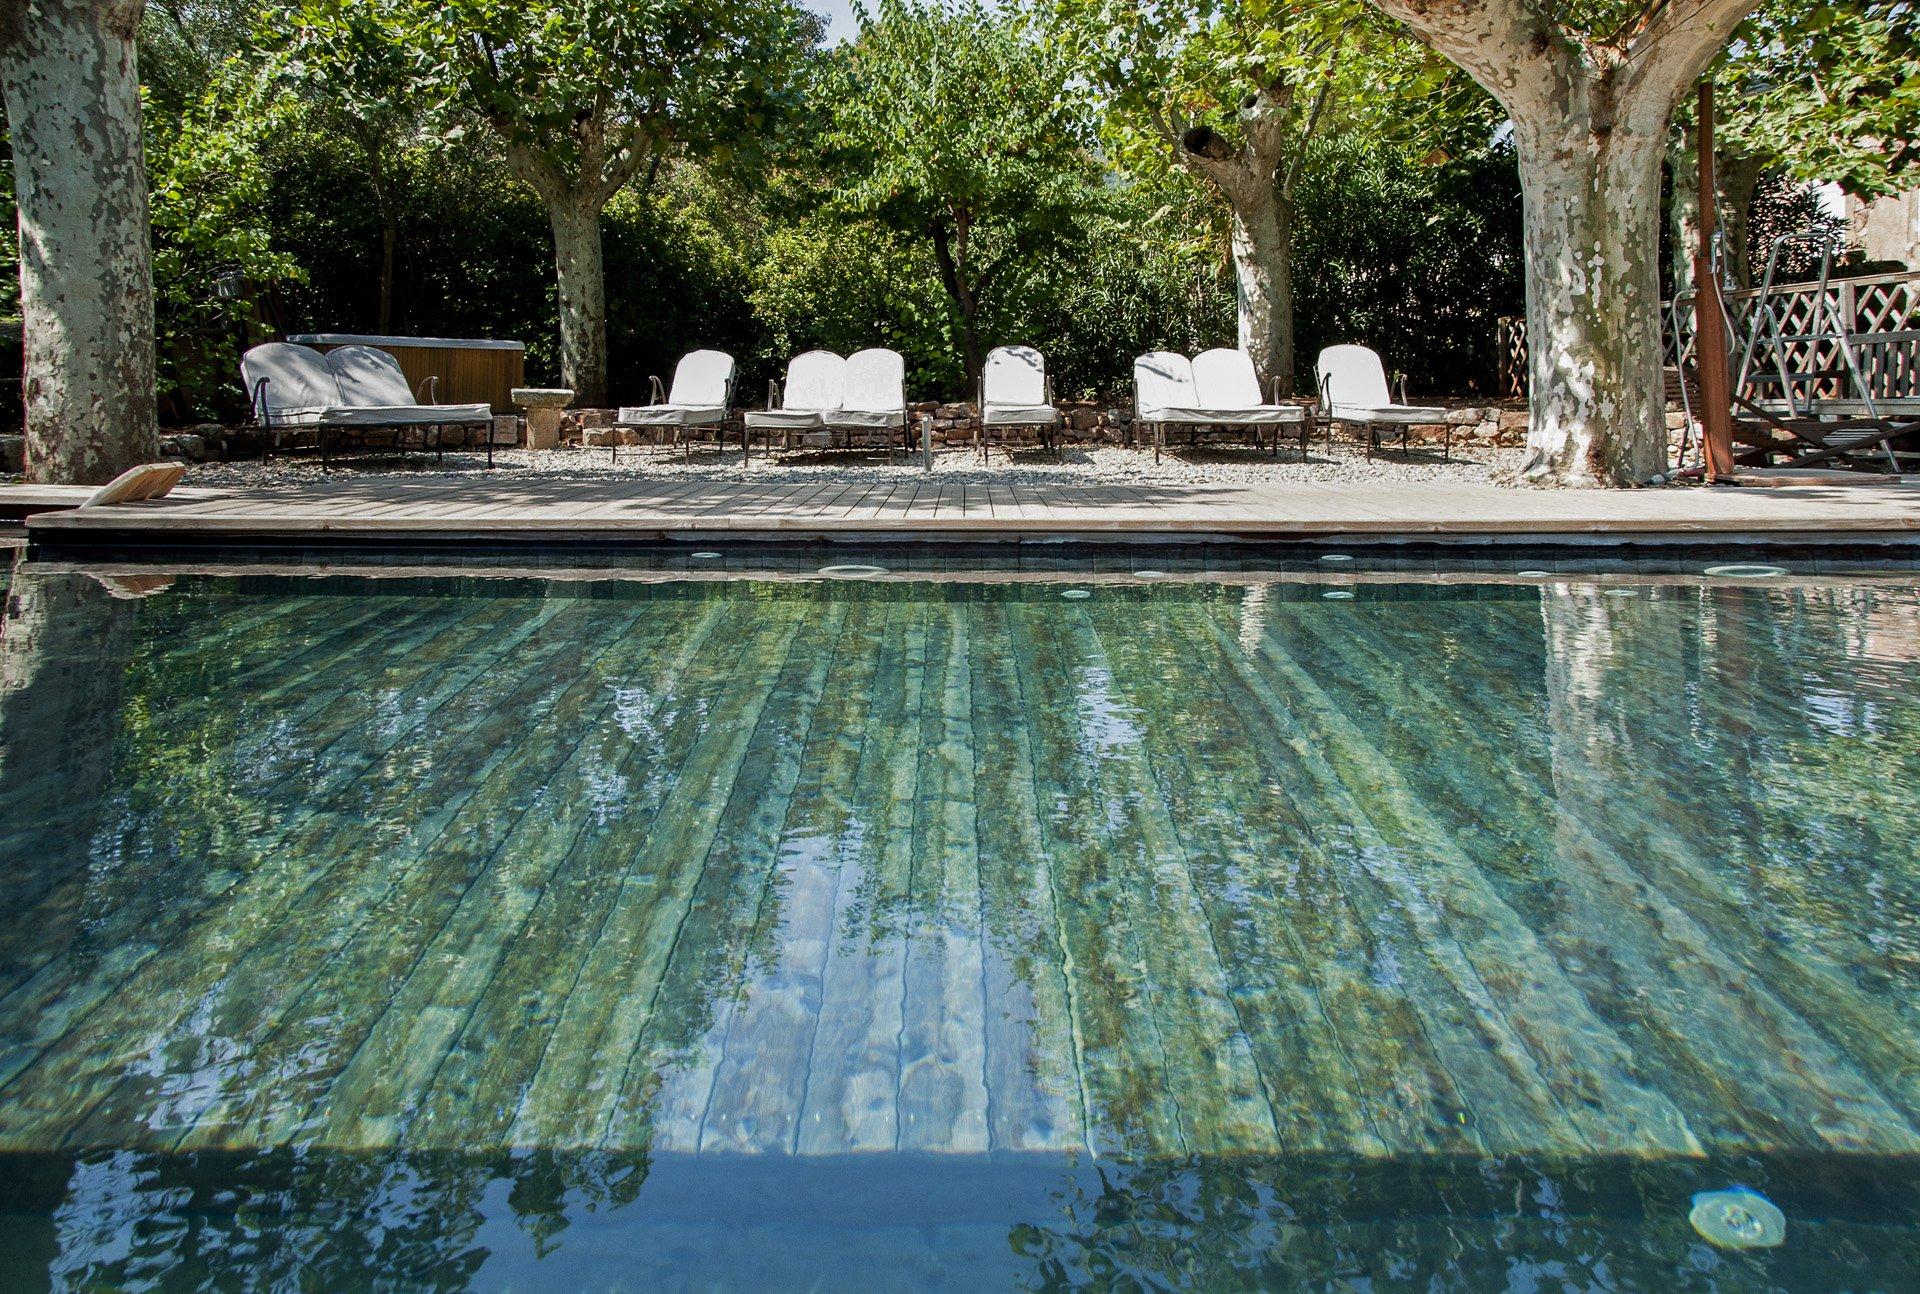 piscine en bois Bastide 18 ième siècle 750 m², sur 2 ha chambres d'hôtes, le luc, var, provence